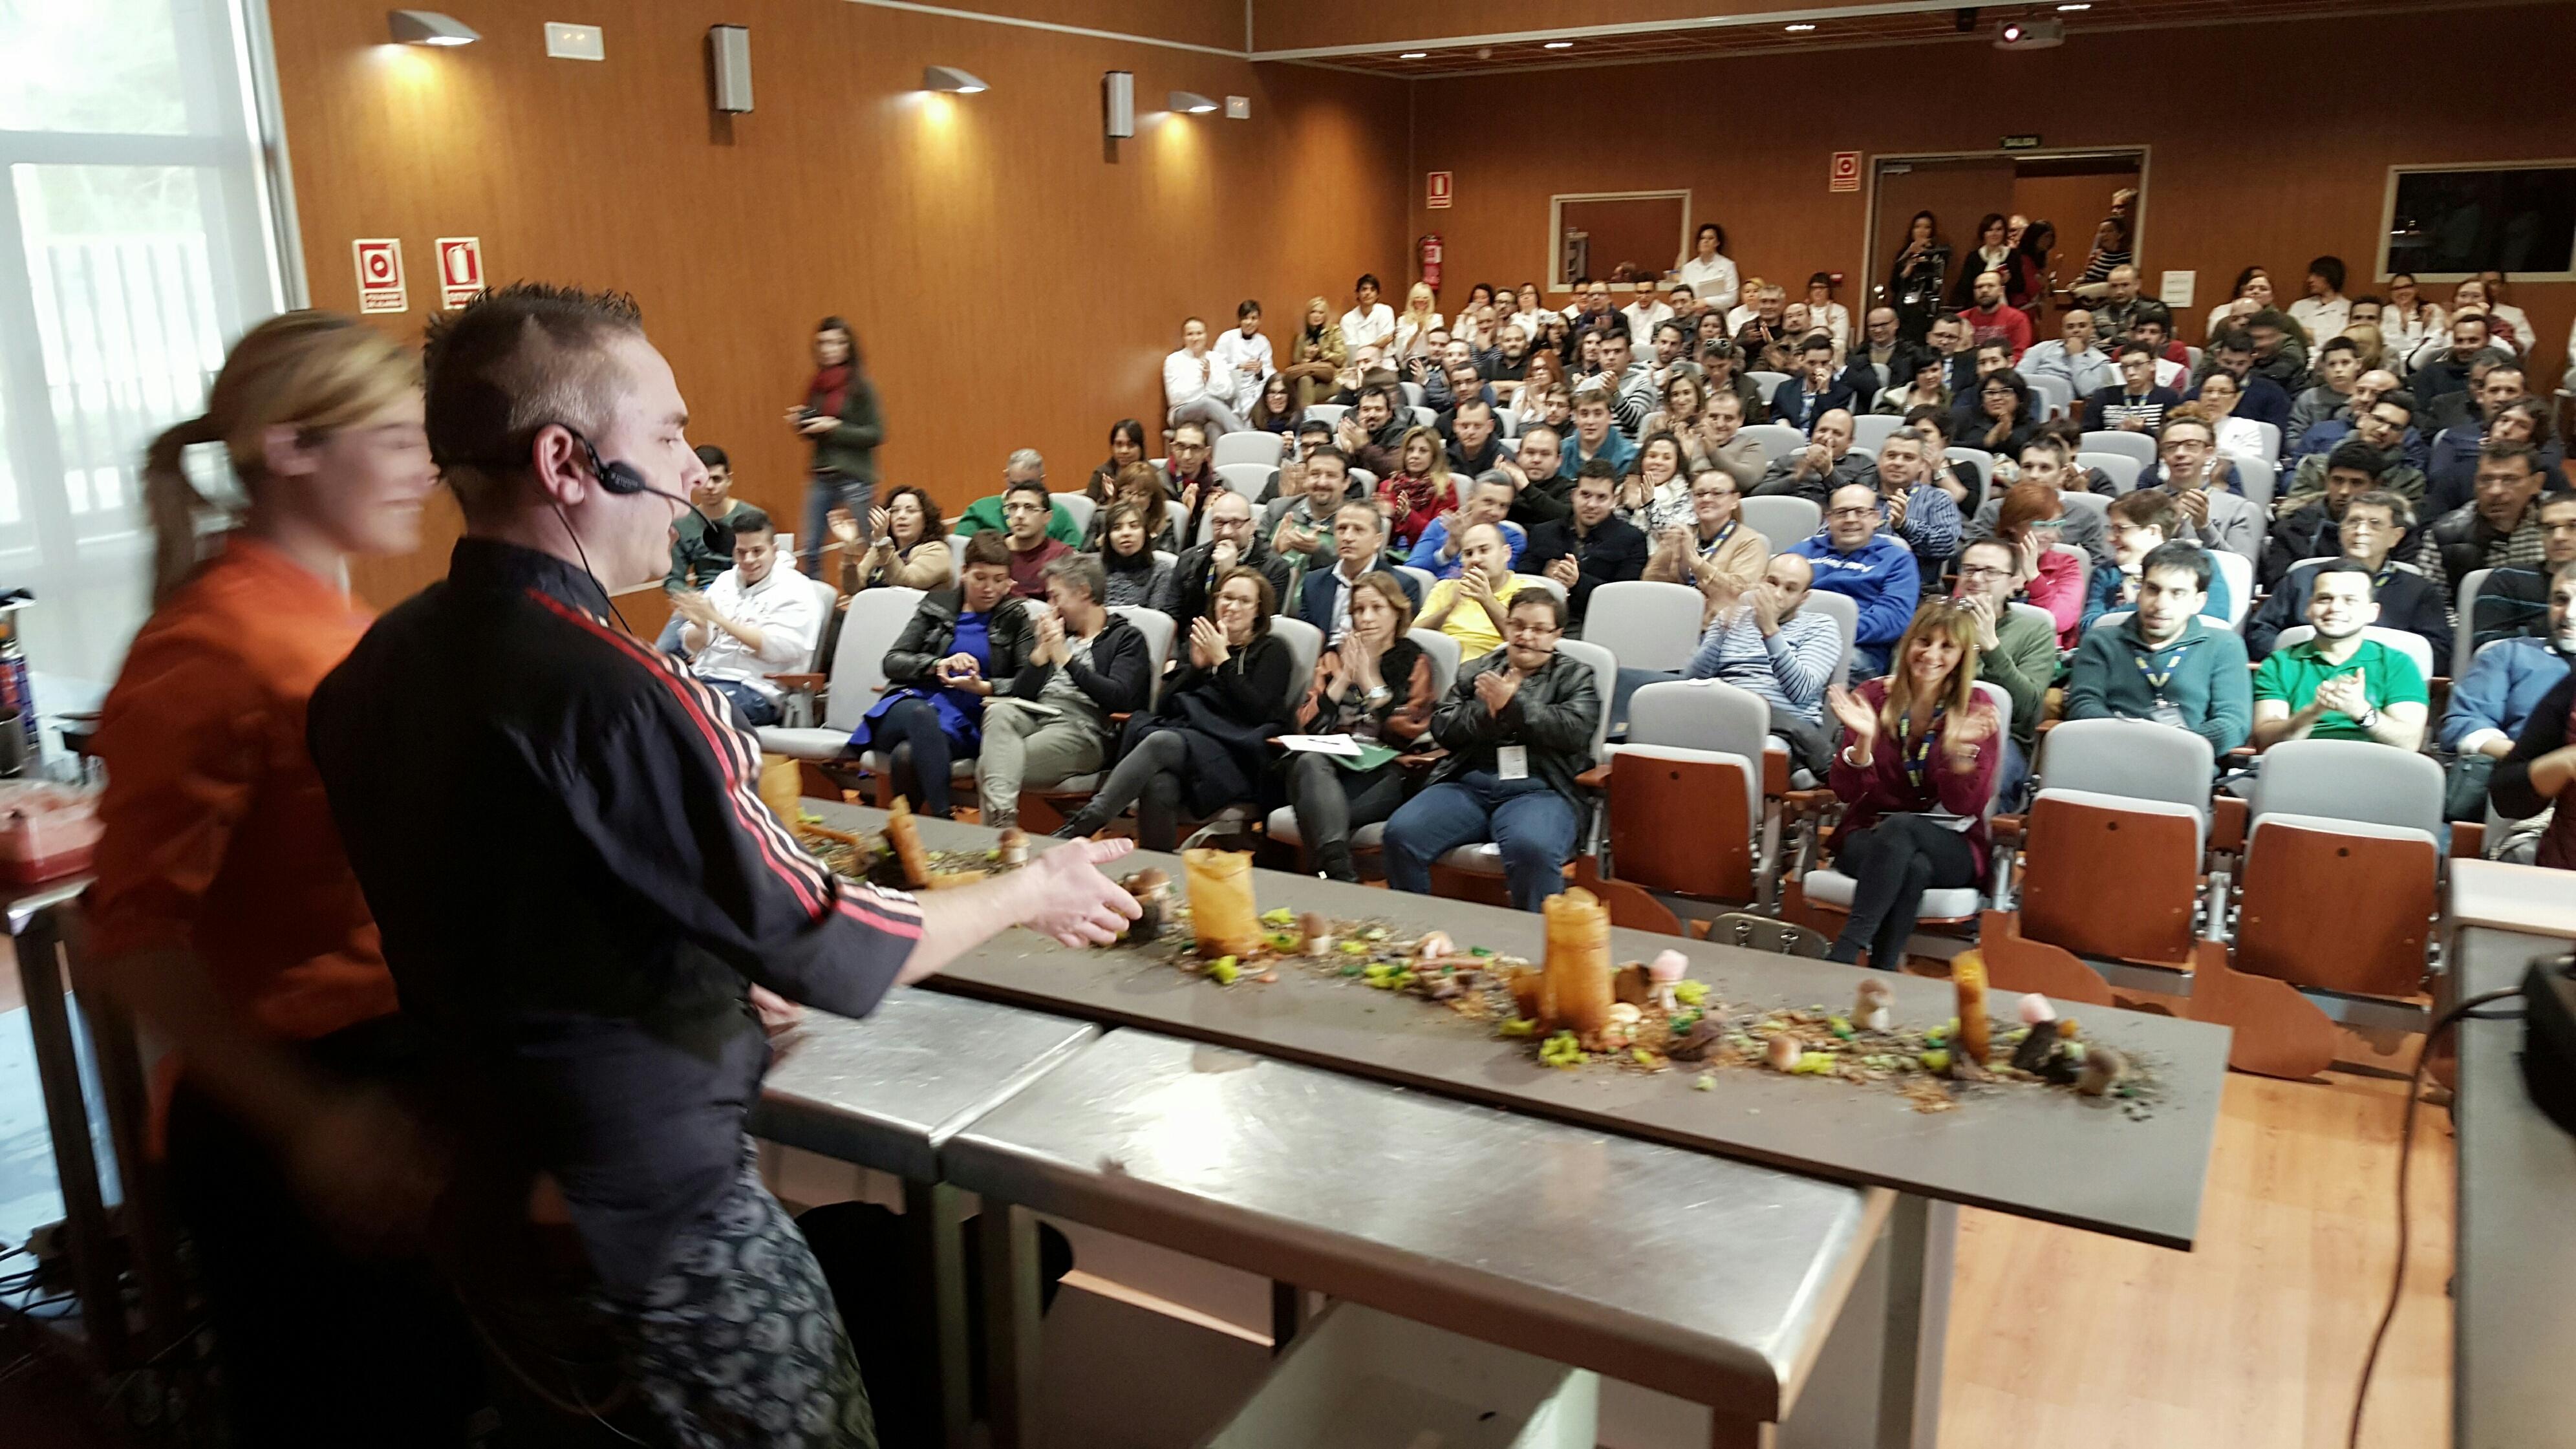 Los chefs castellonenses exponen su visión sobre la gastronomía ante 300 personas